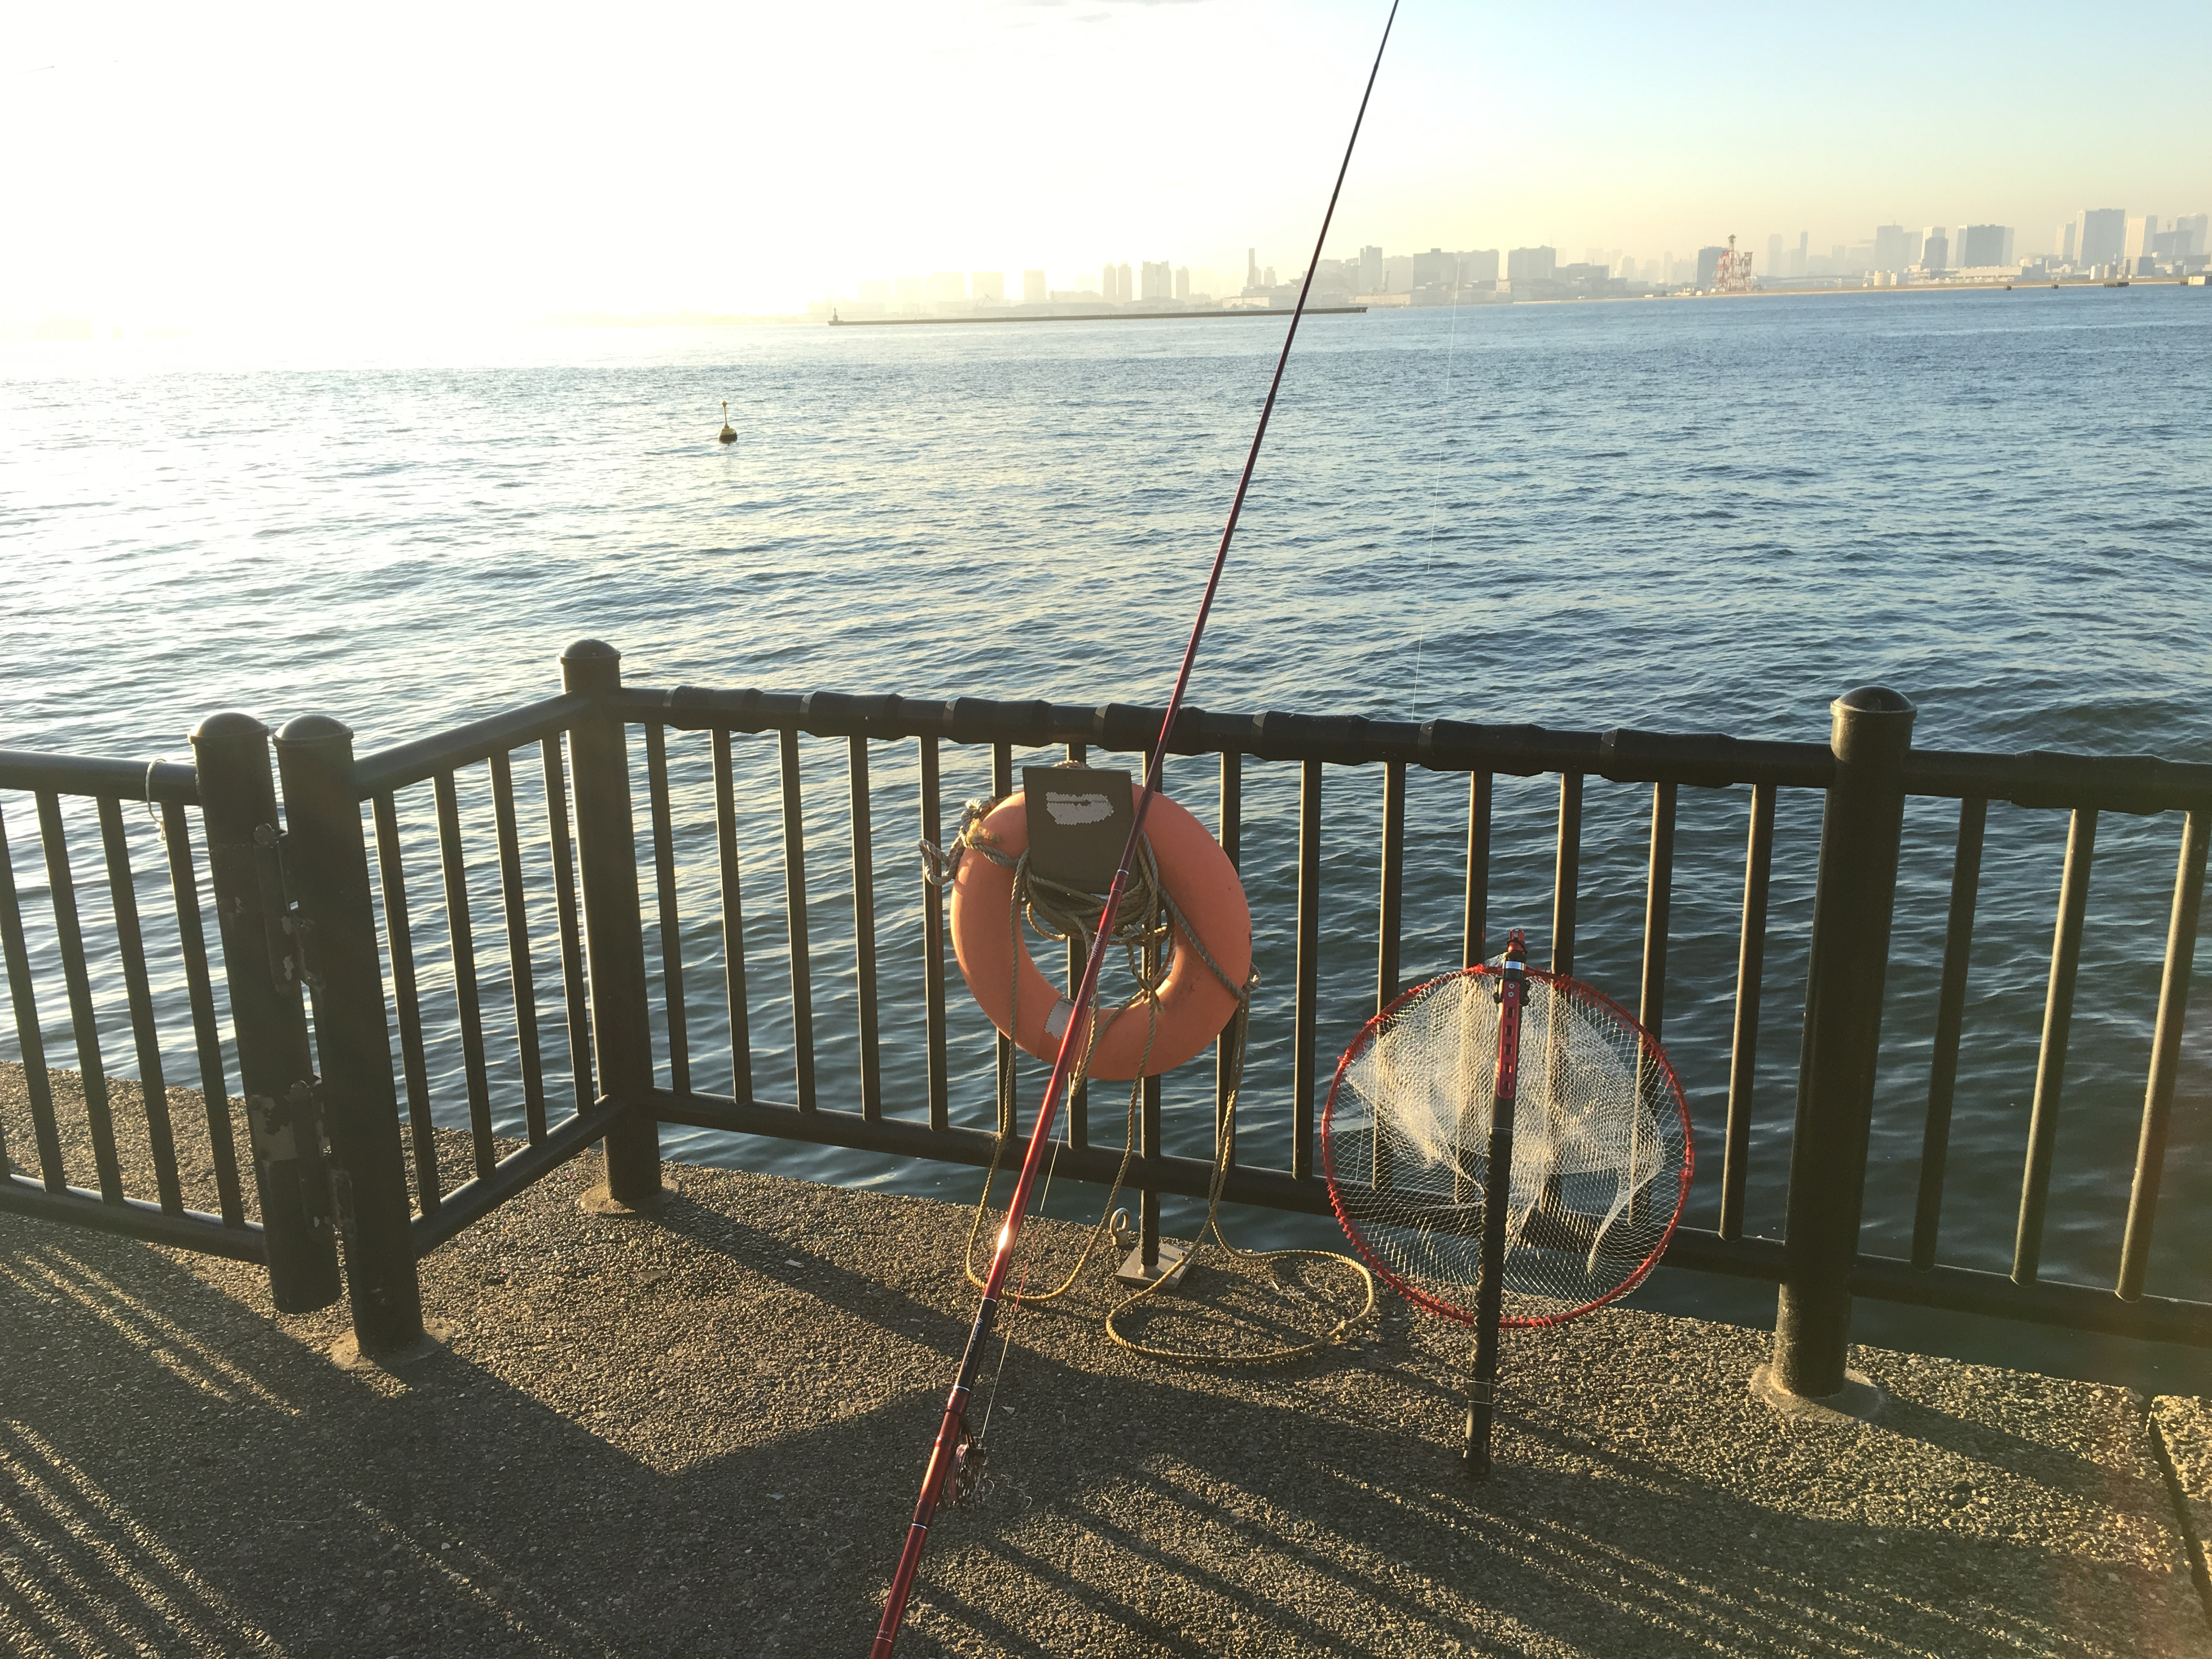 若洲海浜公園 海釣り施設